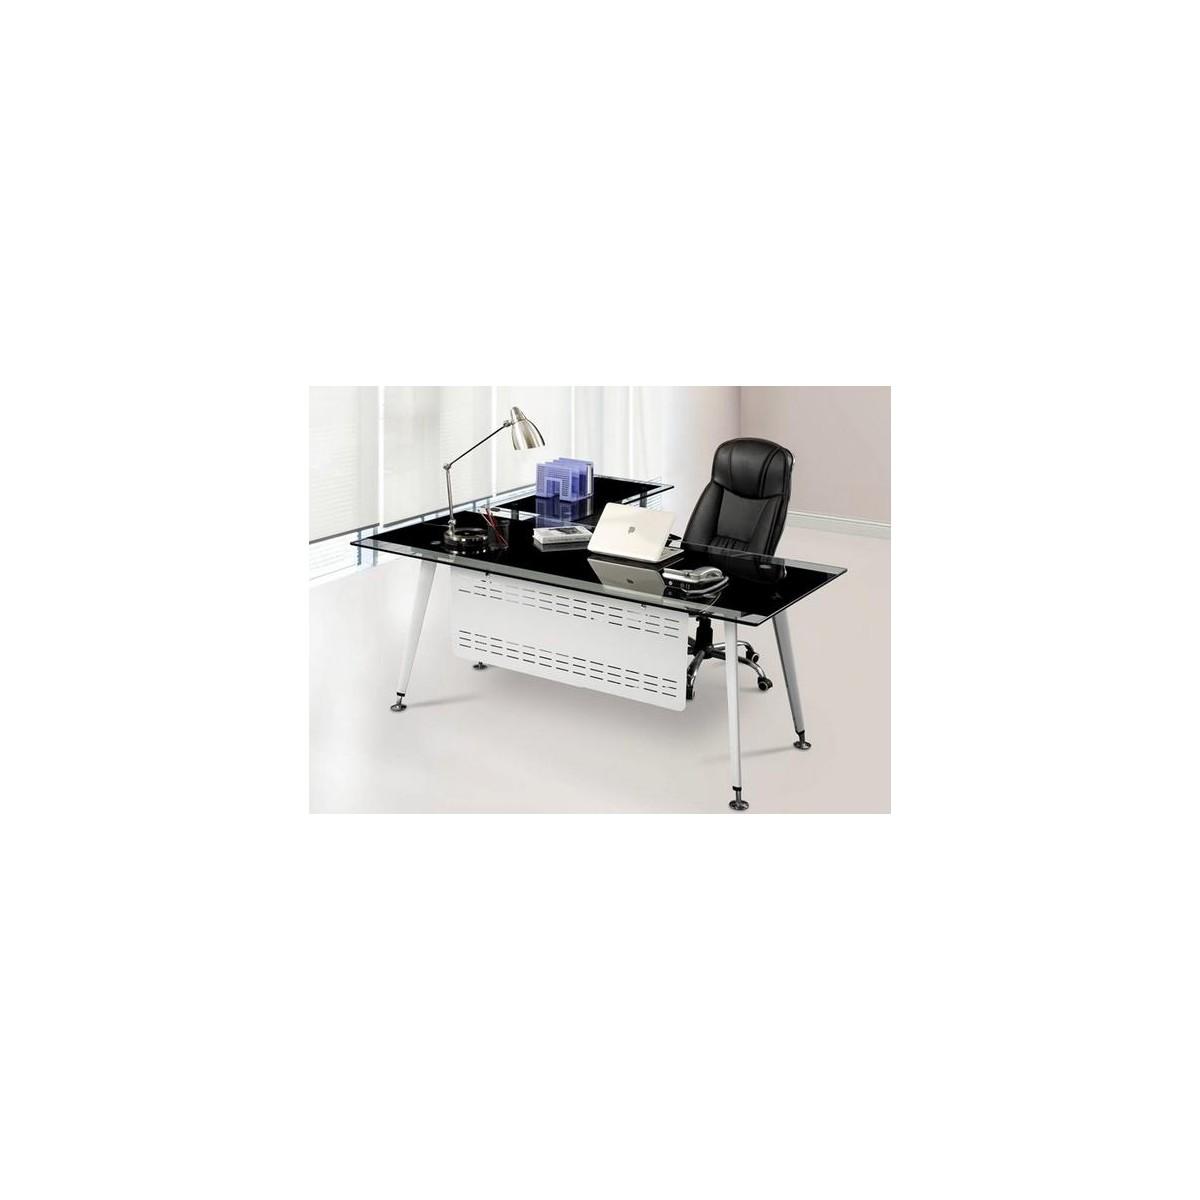 Mesa de oficina cristal moderna 180x85 cms de sdm doha 180d for Mesa oficina moderna